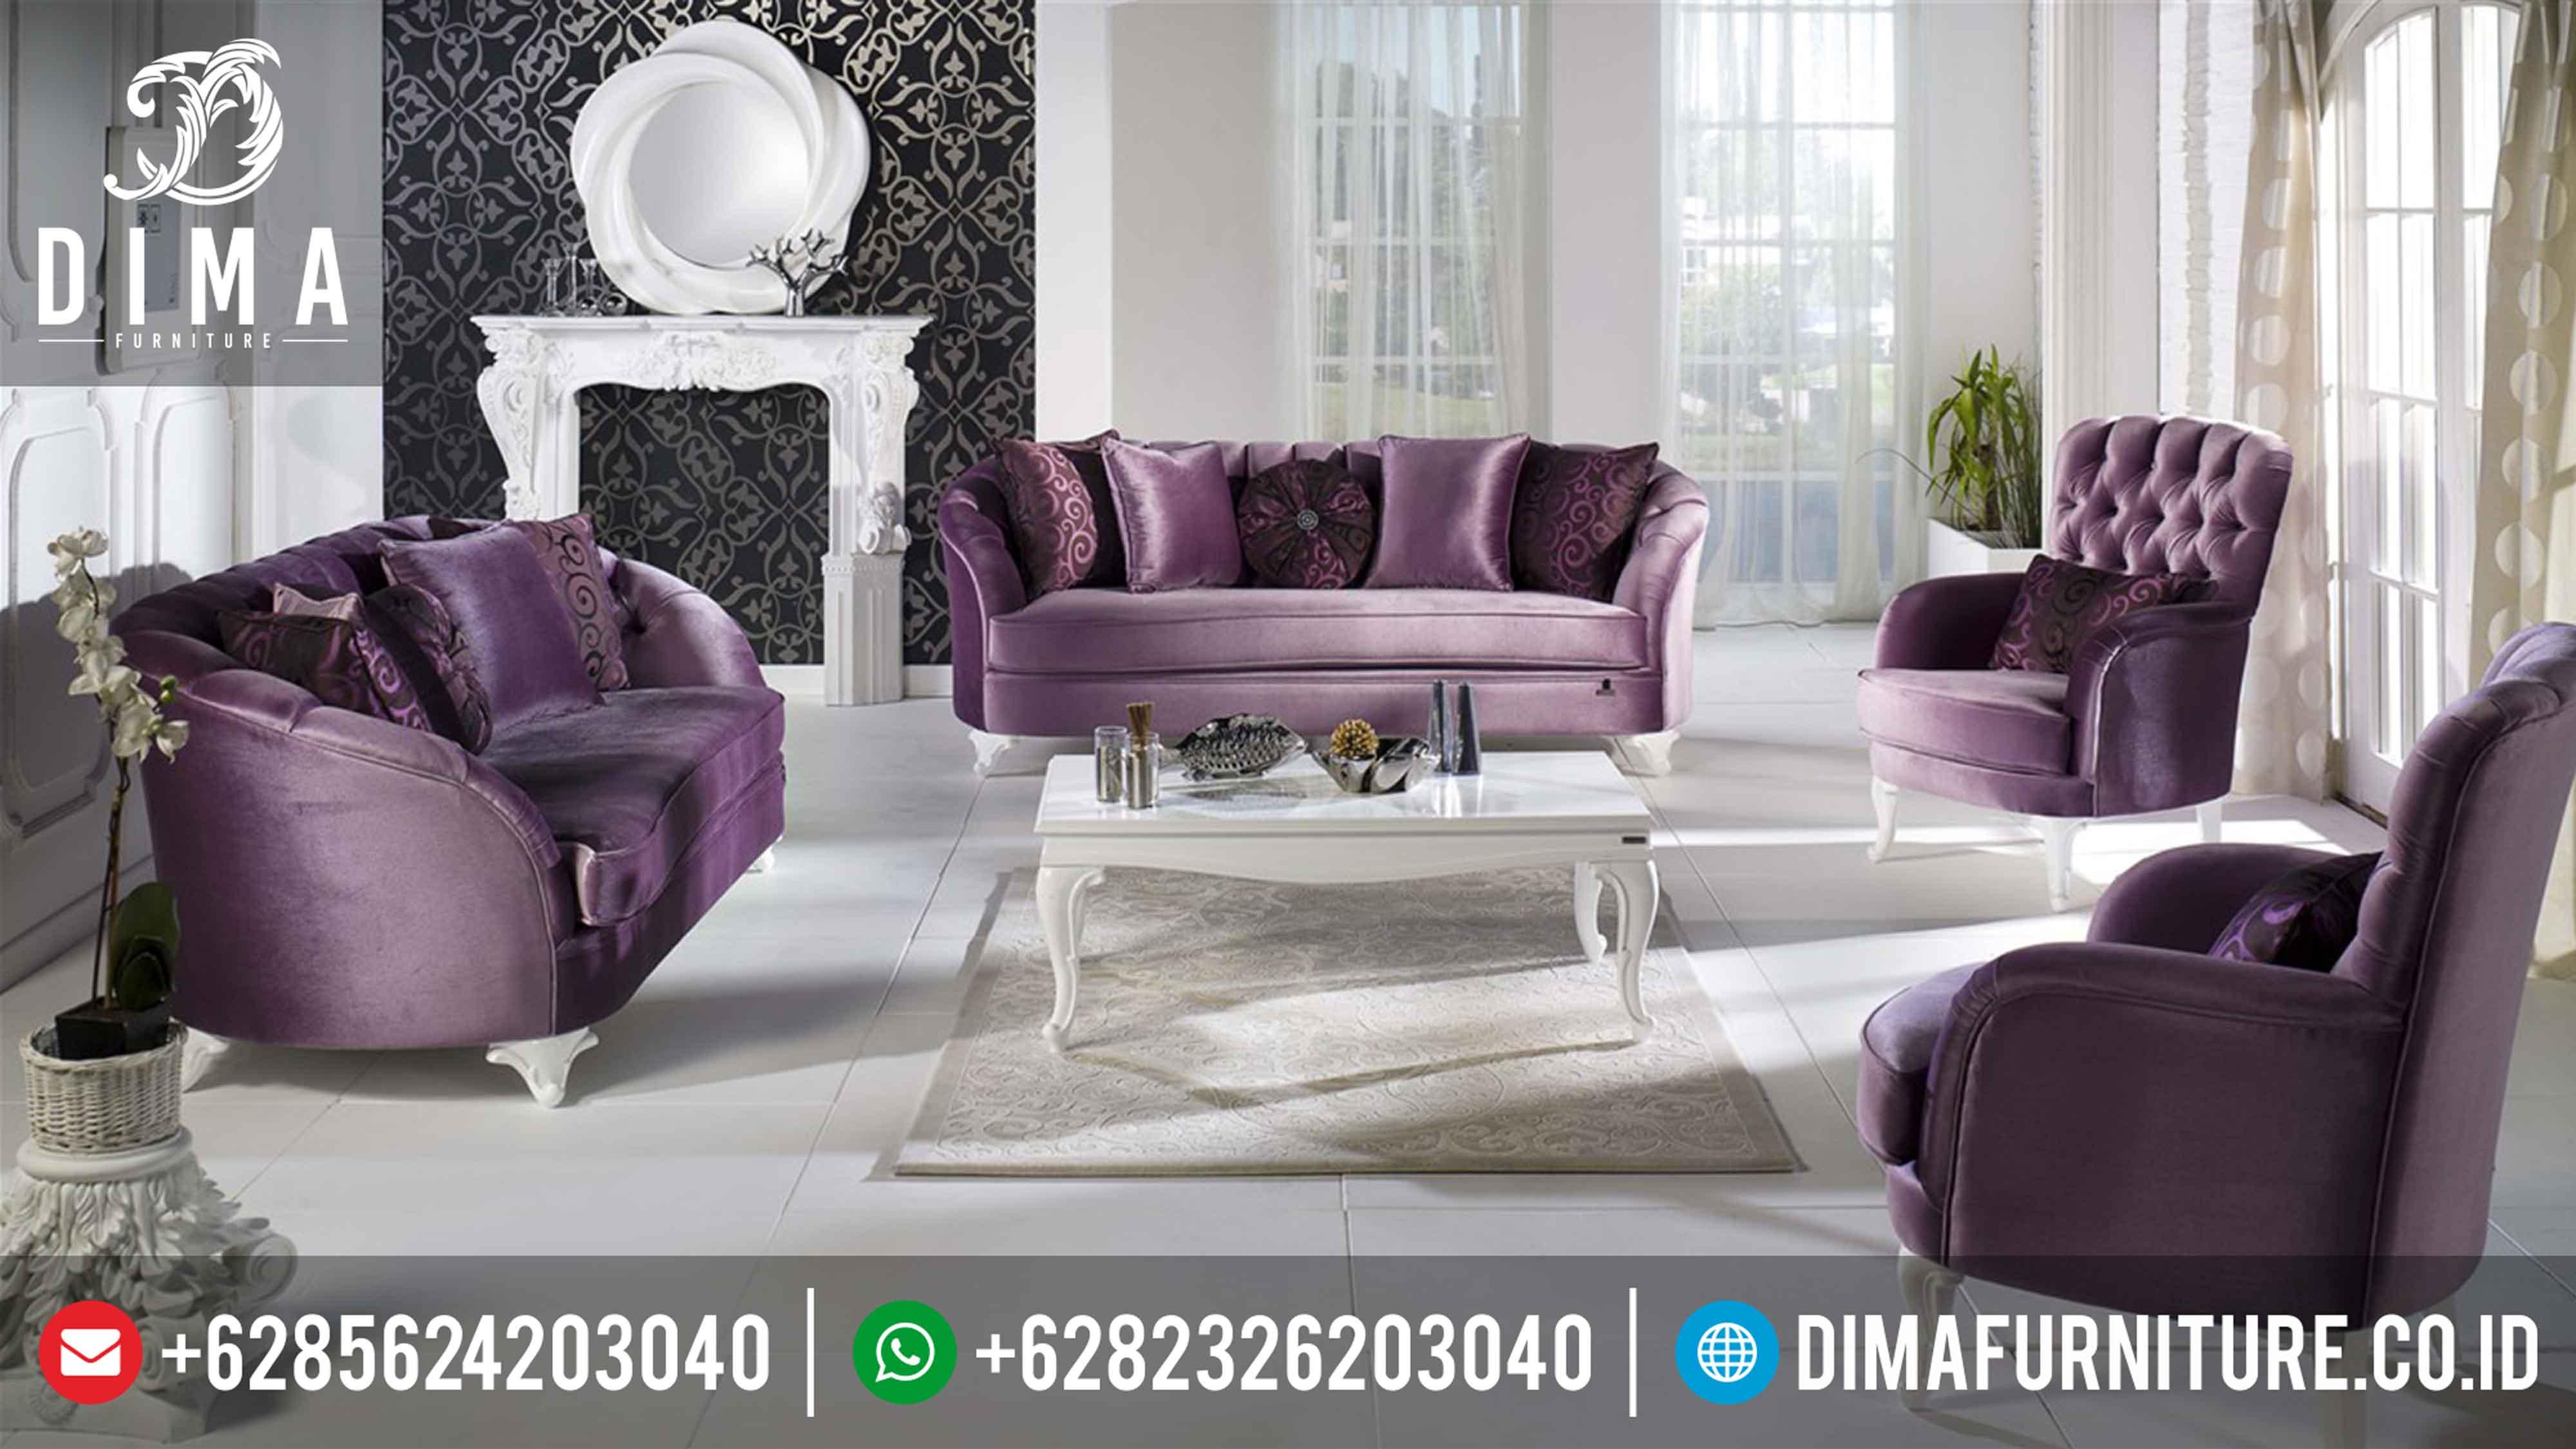 Sofa Tamu Minimalis Jepara, Set Sofa Mewah Ruang Tamu, Mebel Jepara Sofa Minimalis DF-0276